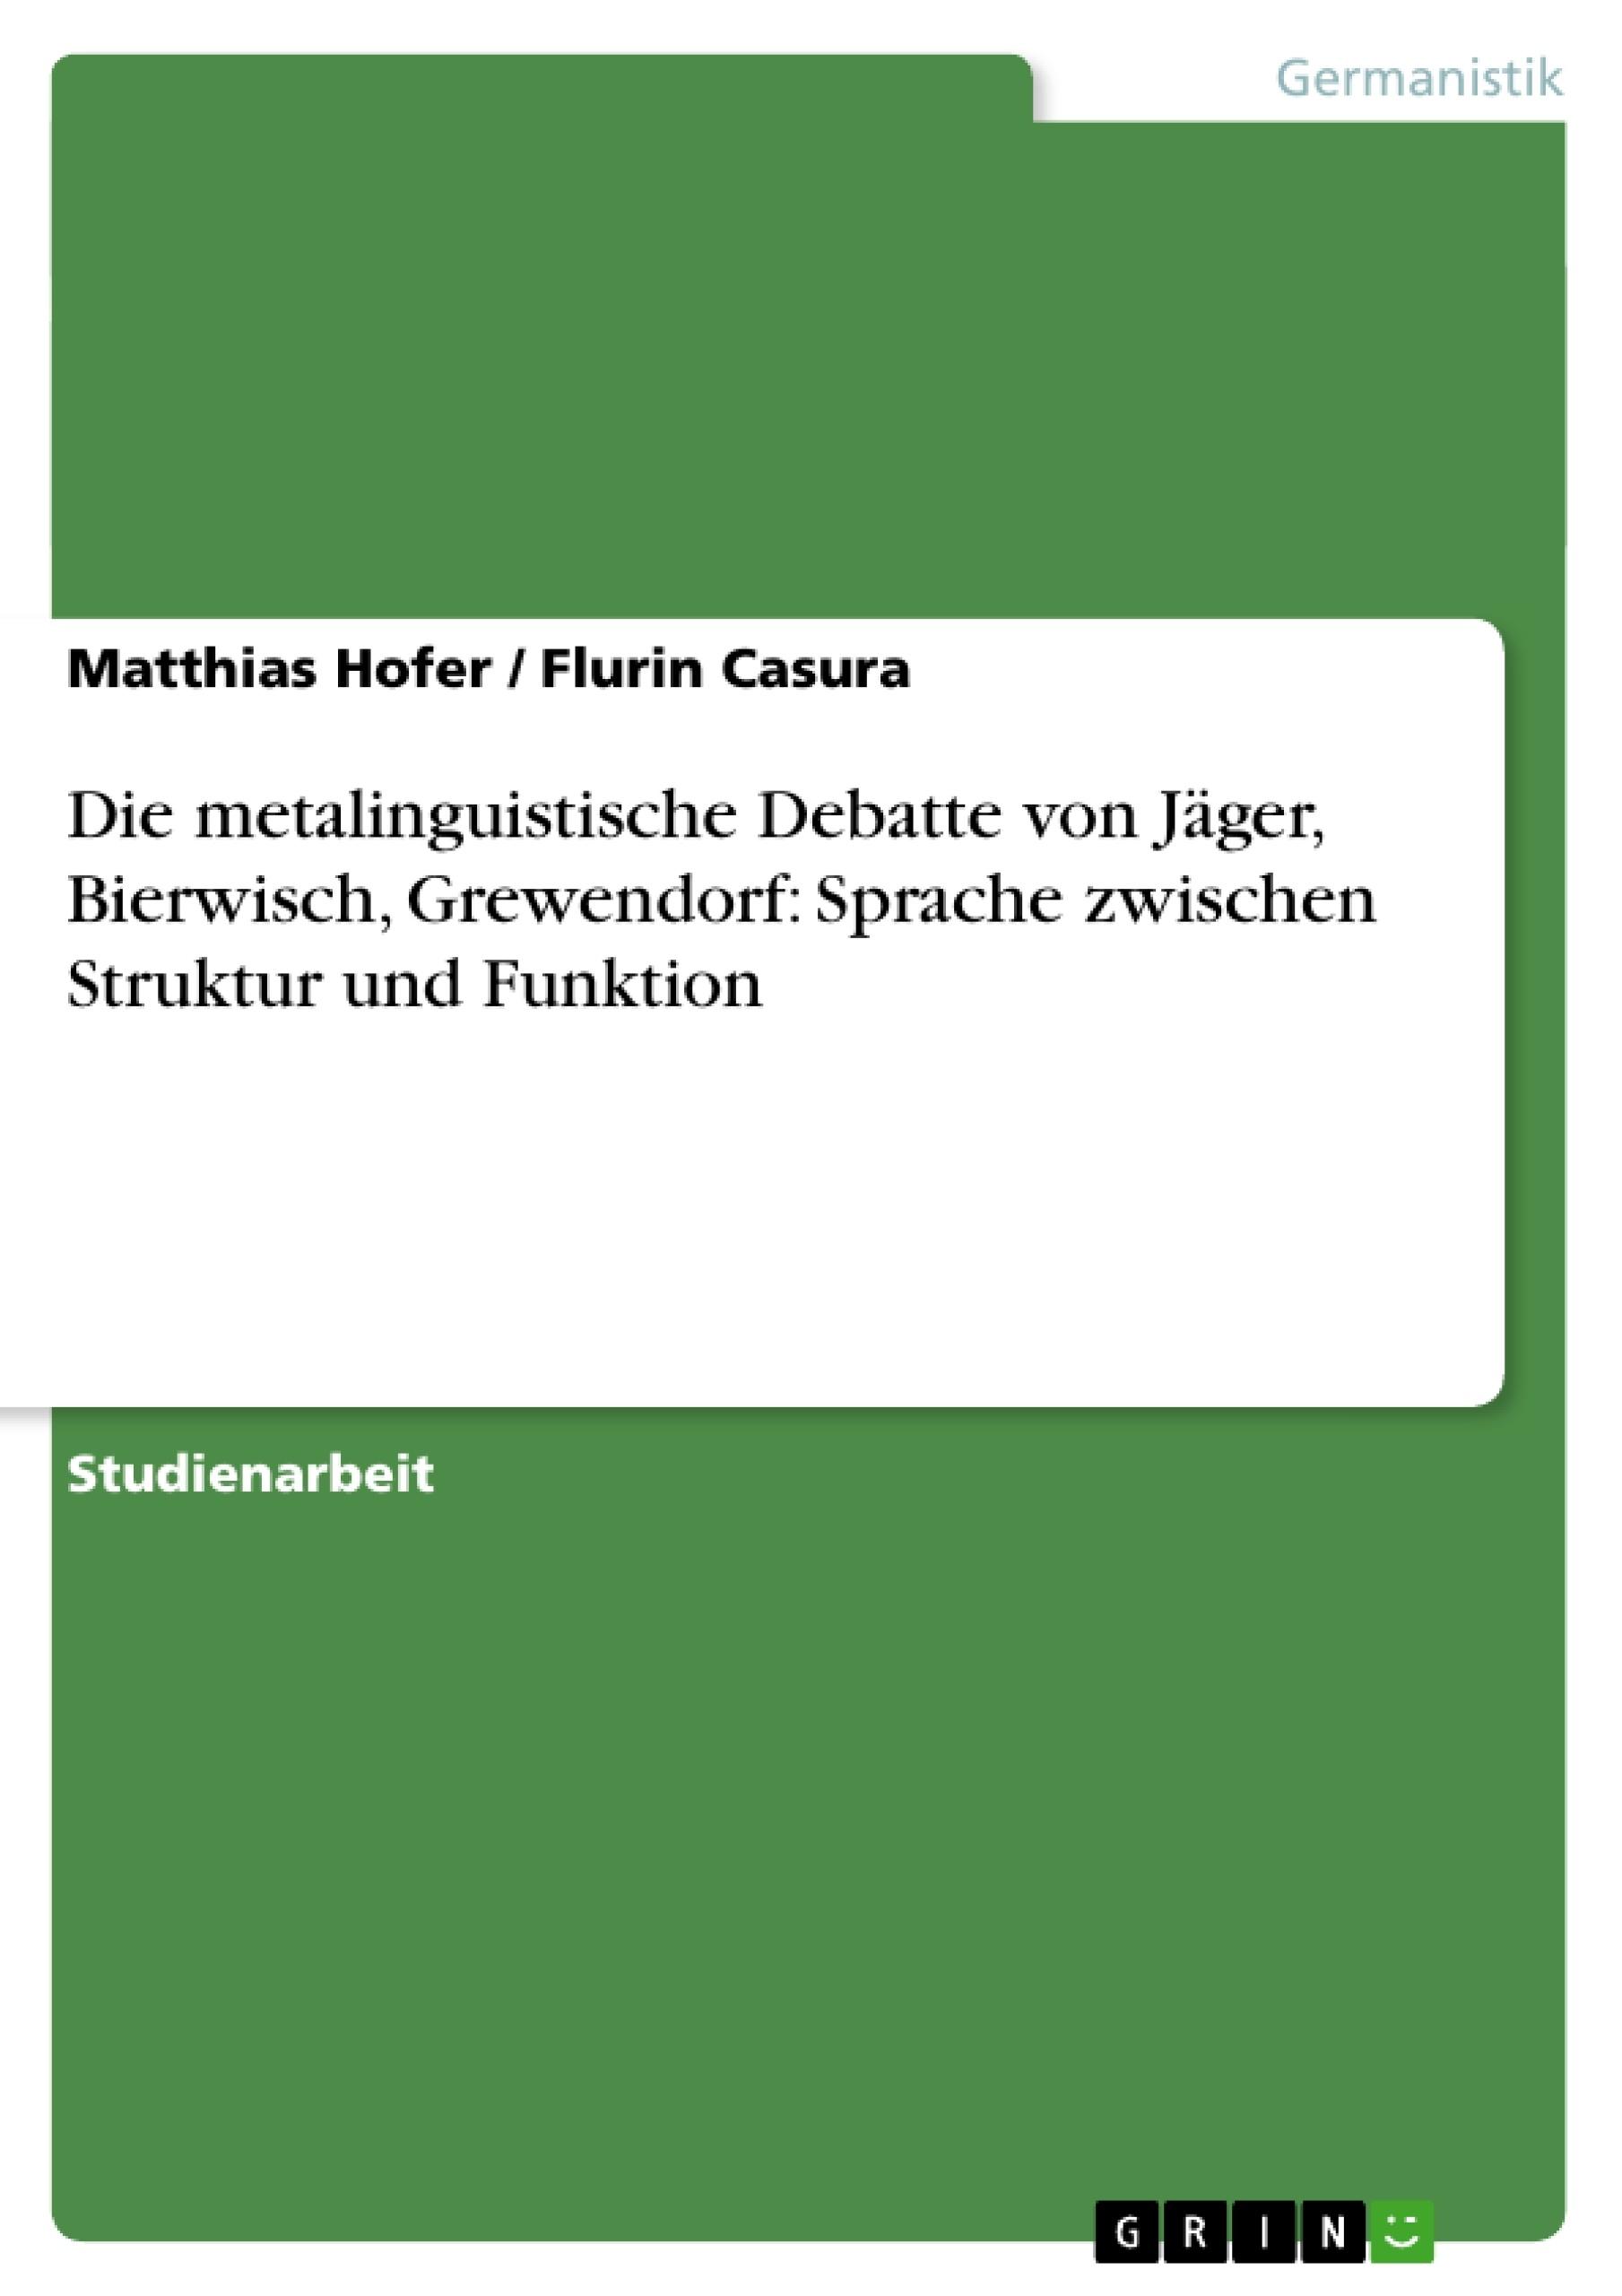 Titel: Die metalinguistische Debatte von Jäger, Bierwisch, Grewendorf: Sprache zwischen Struktur und Funktion